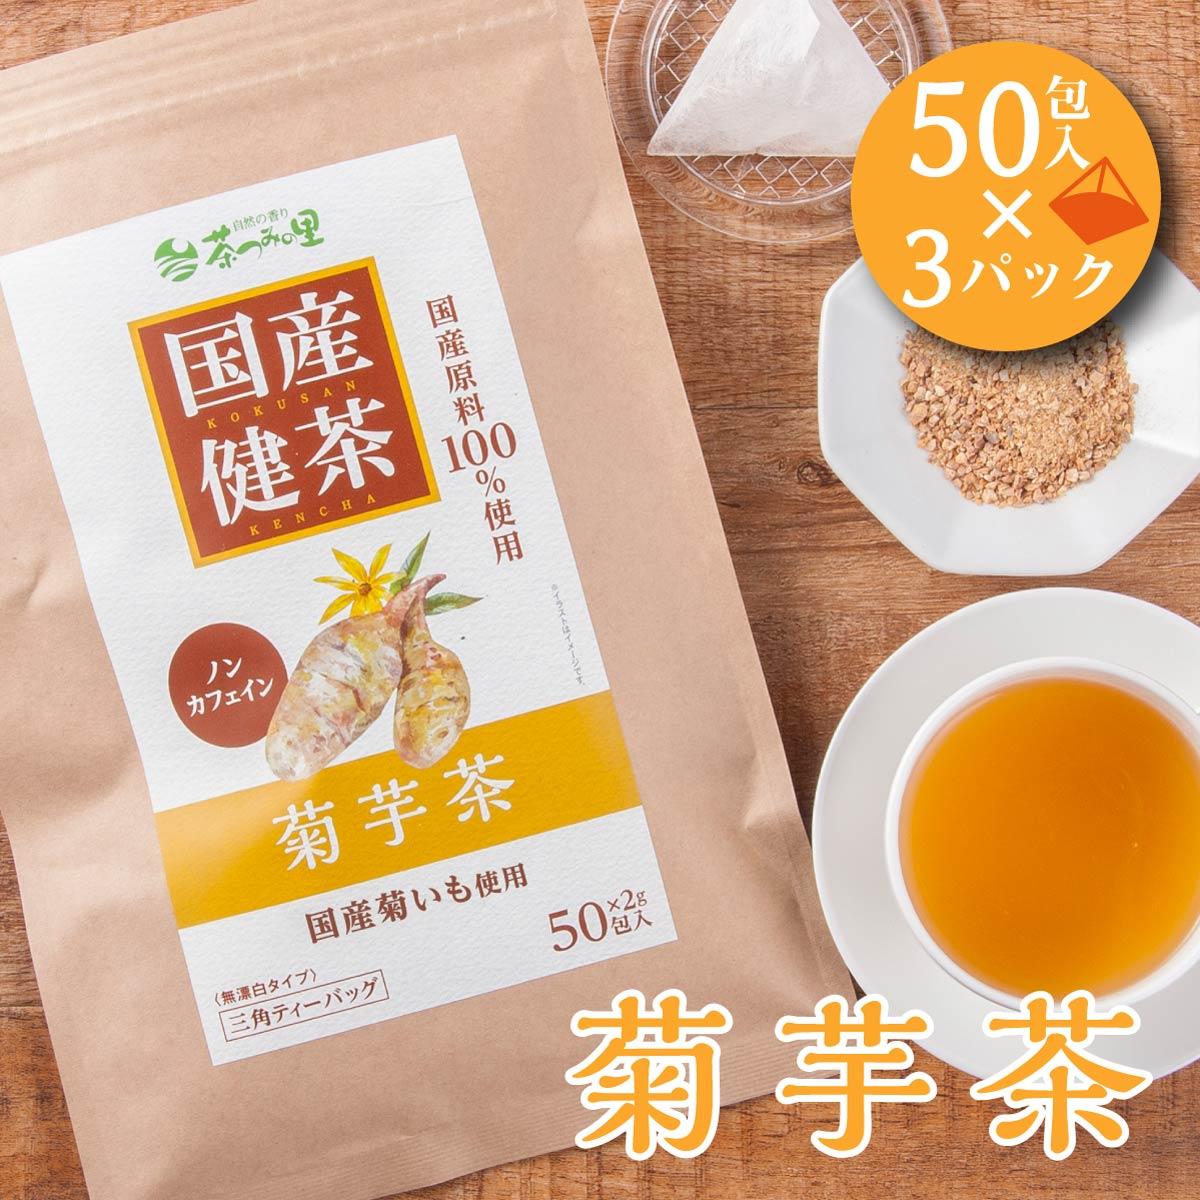 【送料無料】国産 菊芋茶 ティーバッグ (2g×50包入×3パック)